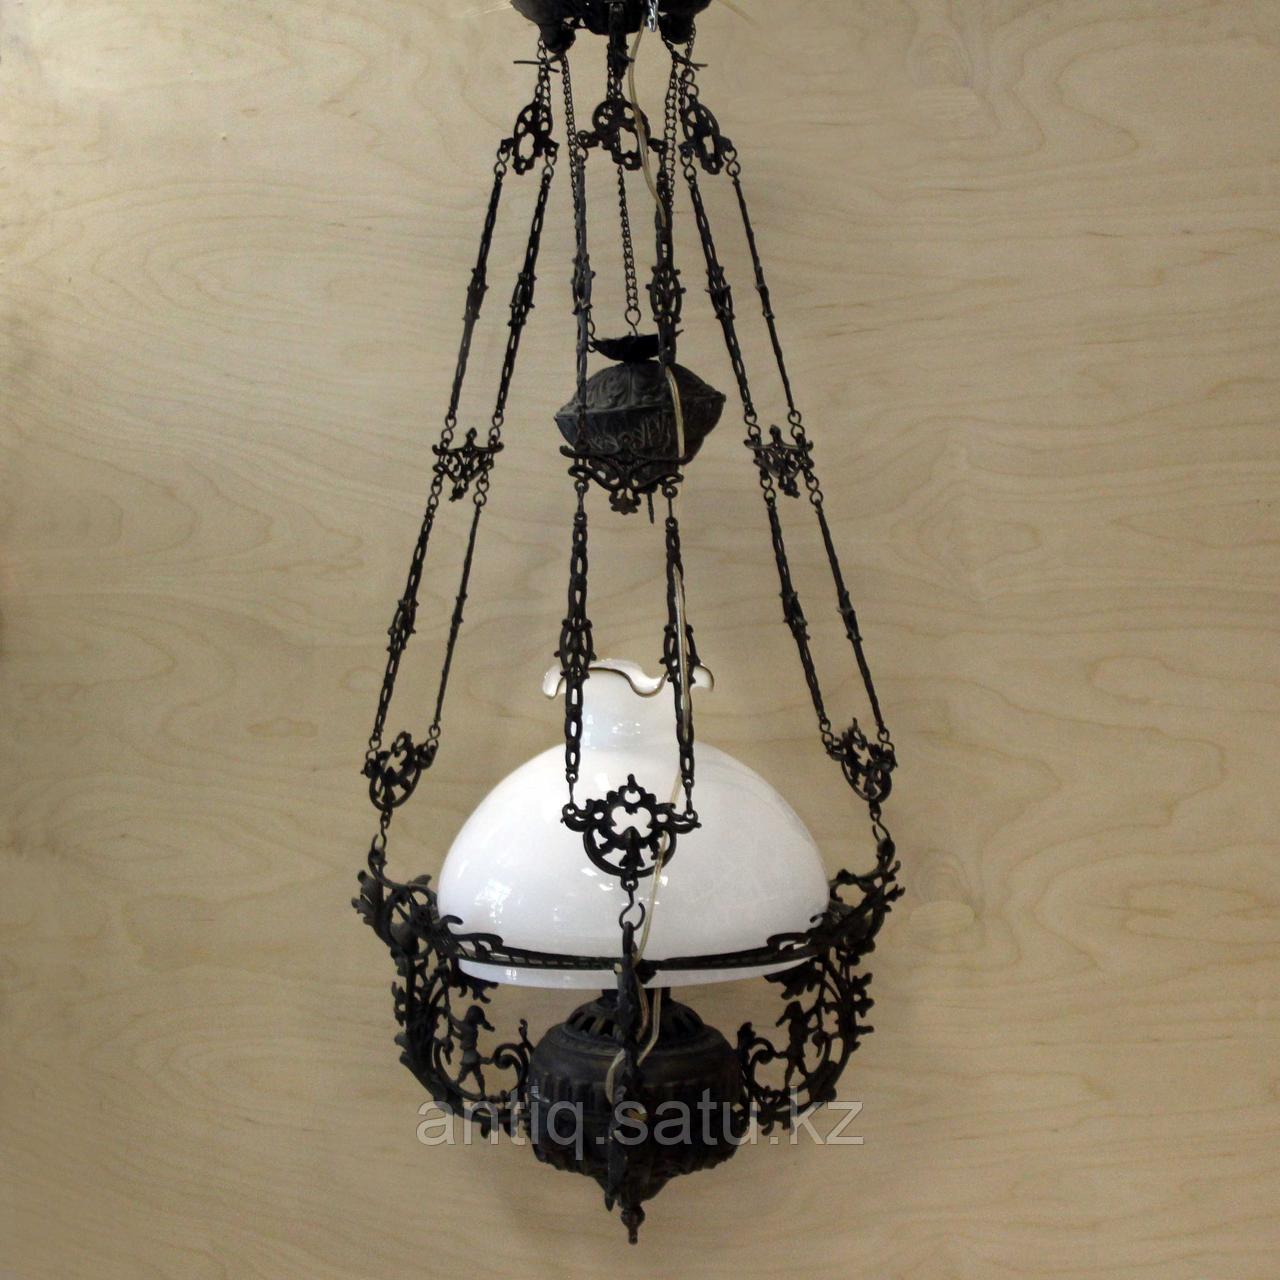 Люстра с куполом. Западная Европа - фото 8